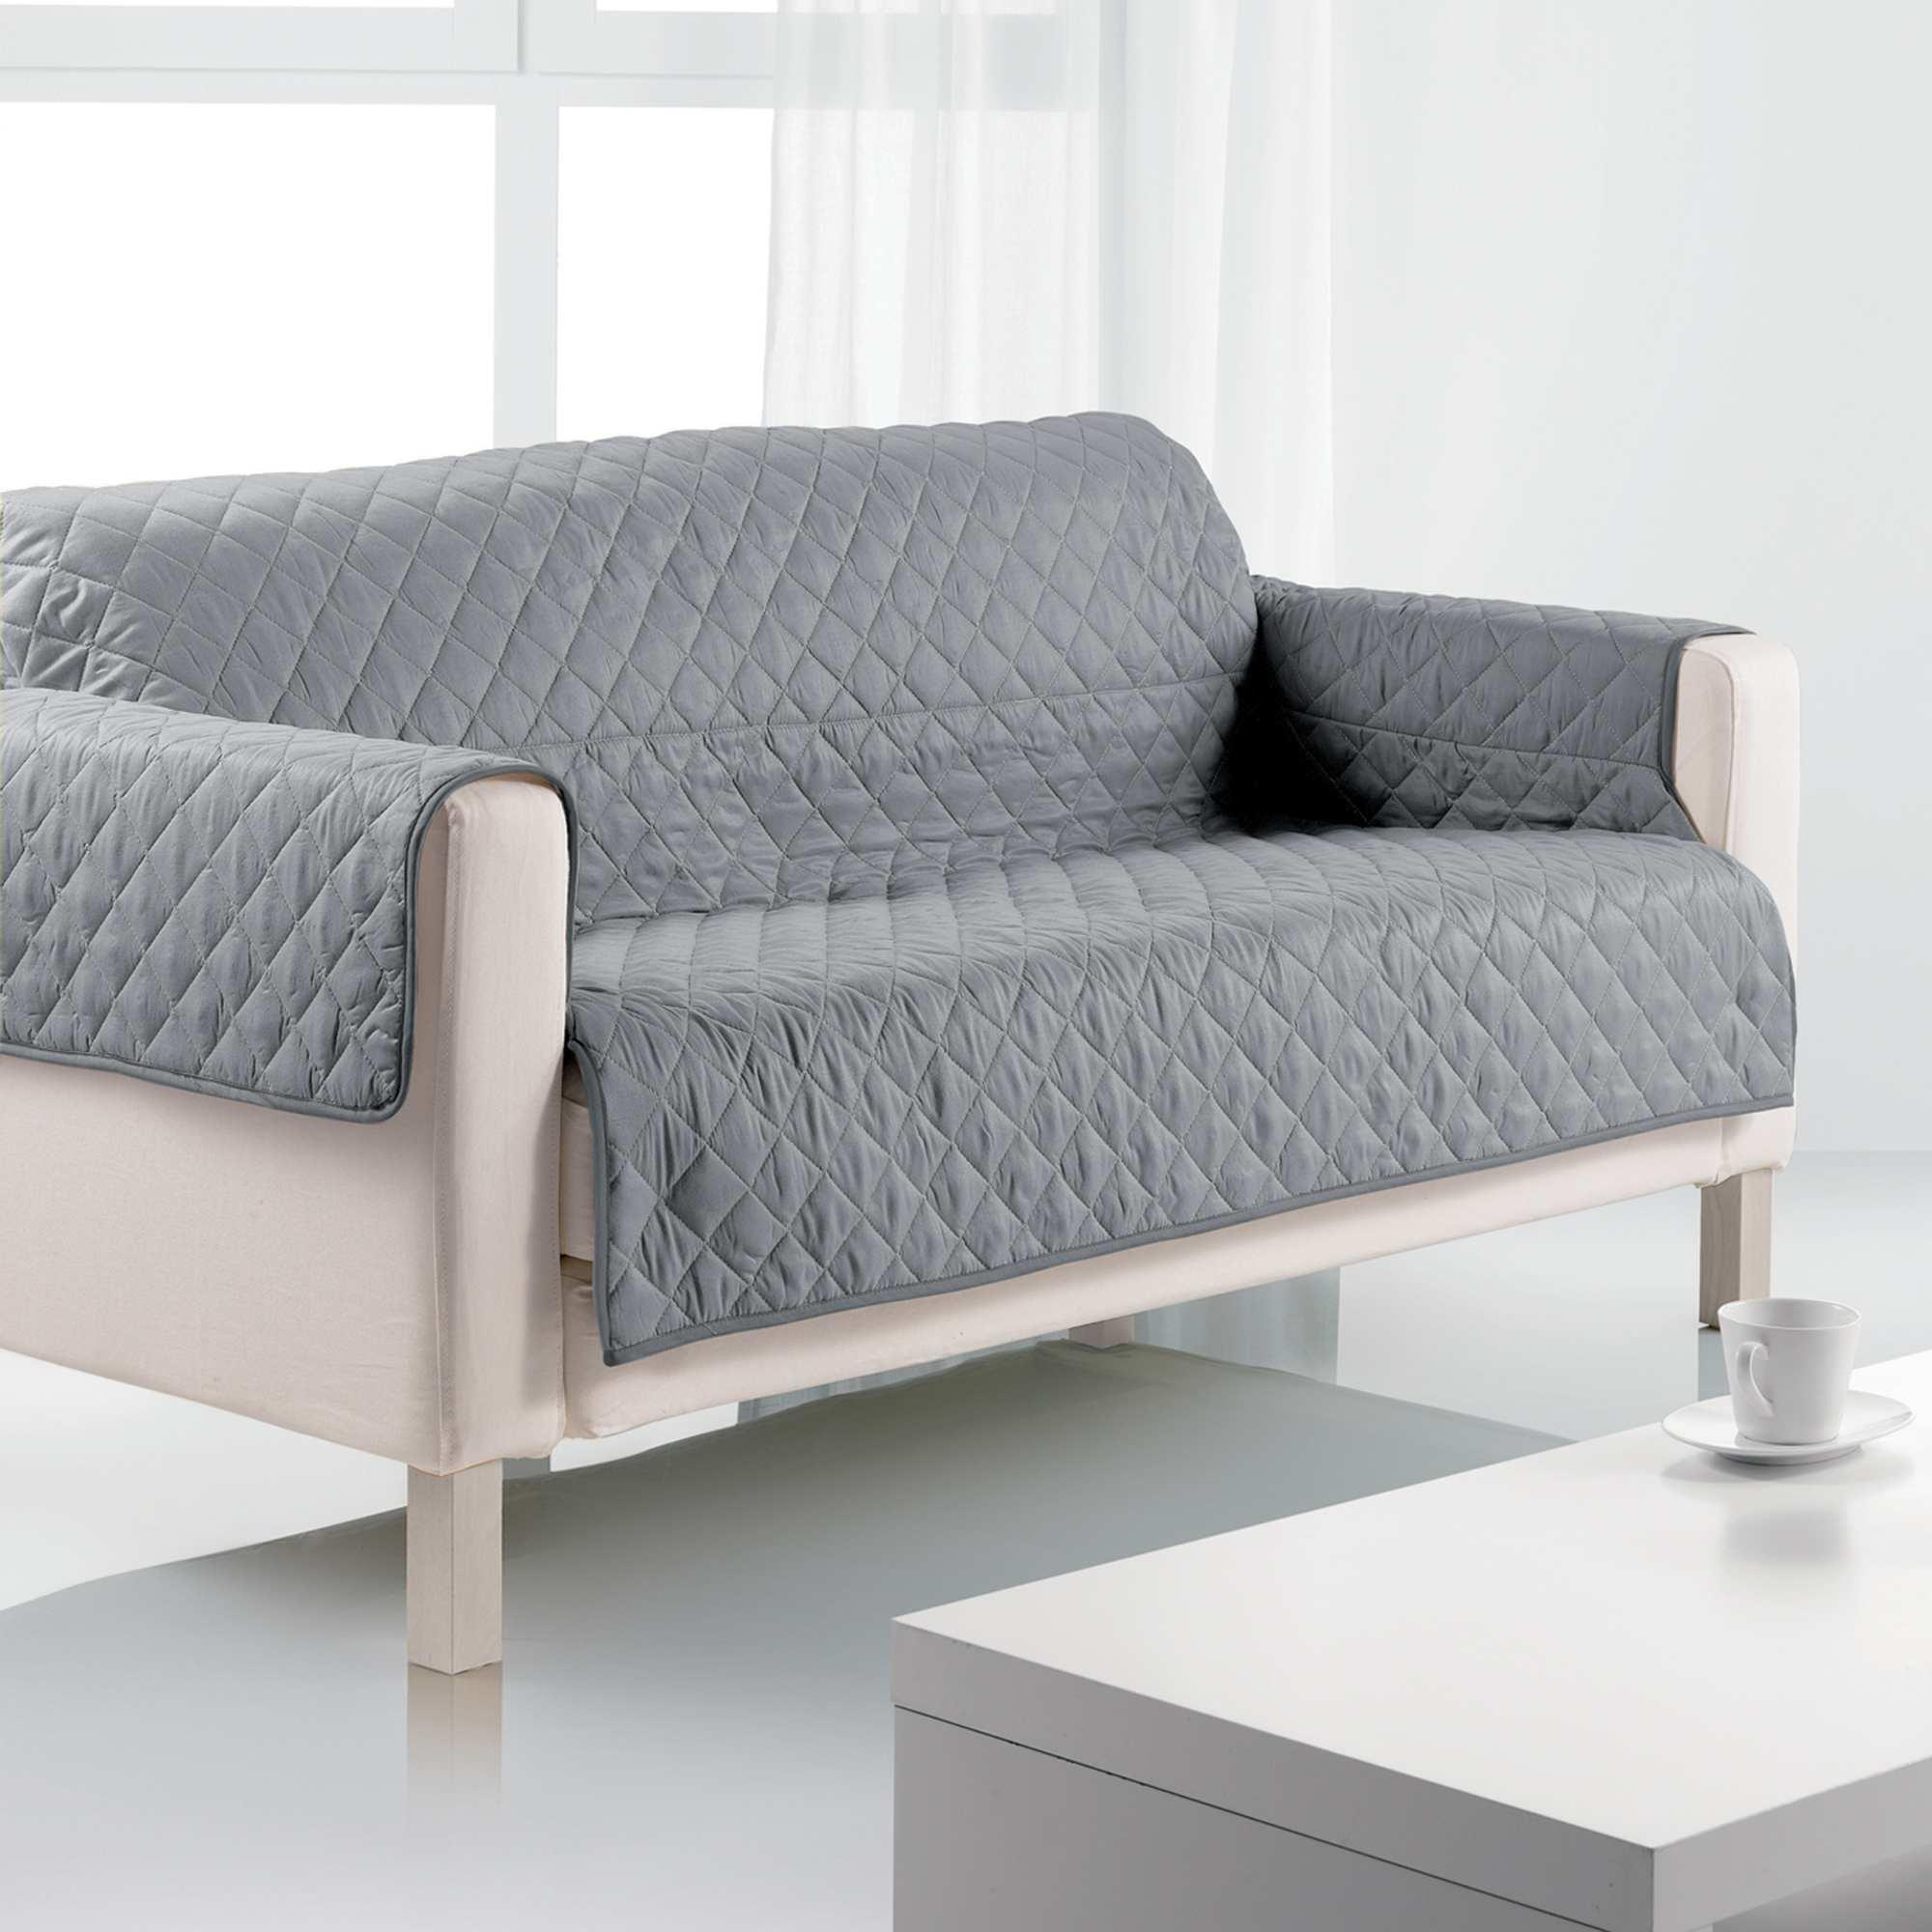 Funda para sof 3 plazas hogar gris kiabi 20 00 for Sofas de 3 plazas